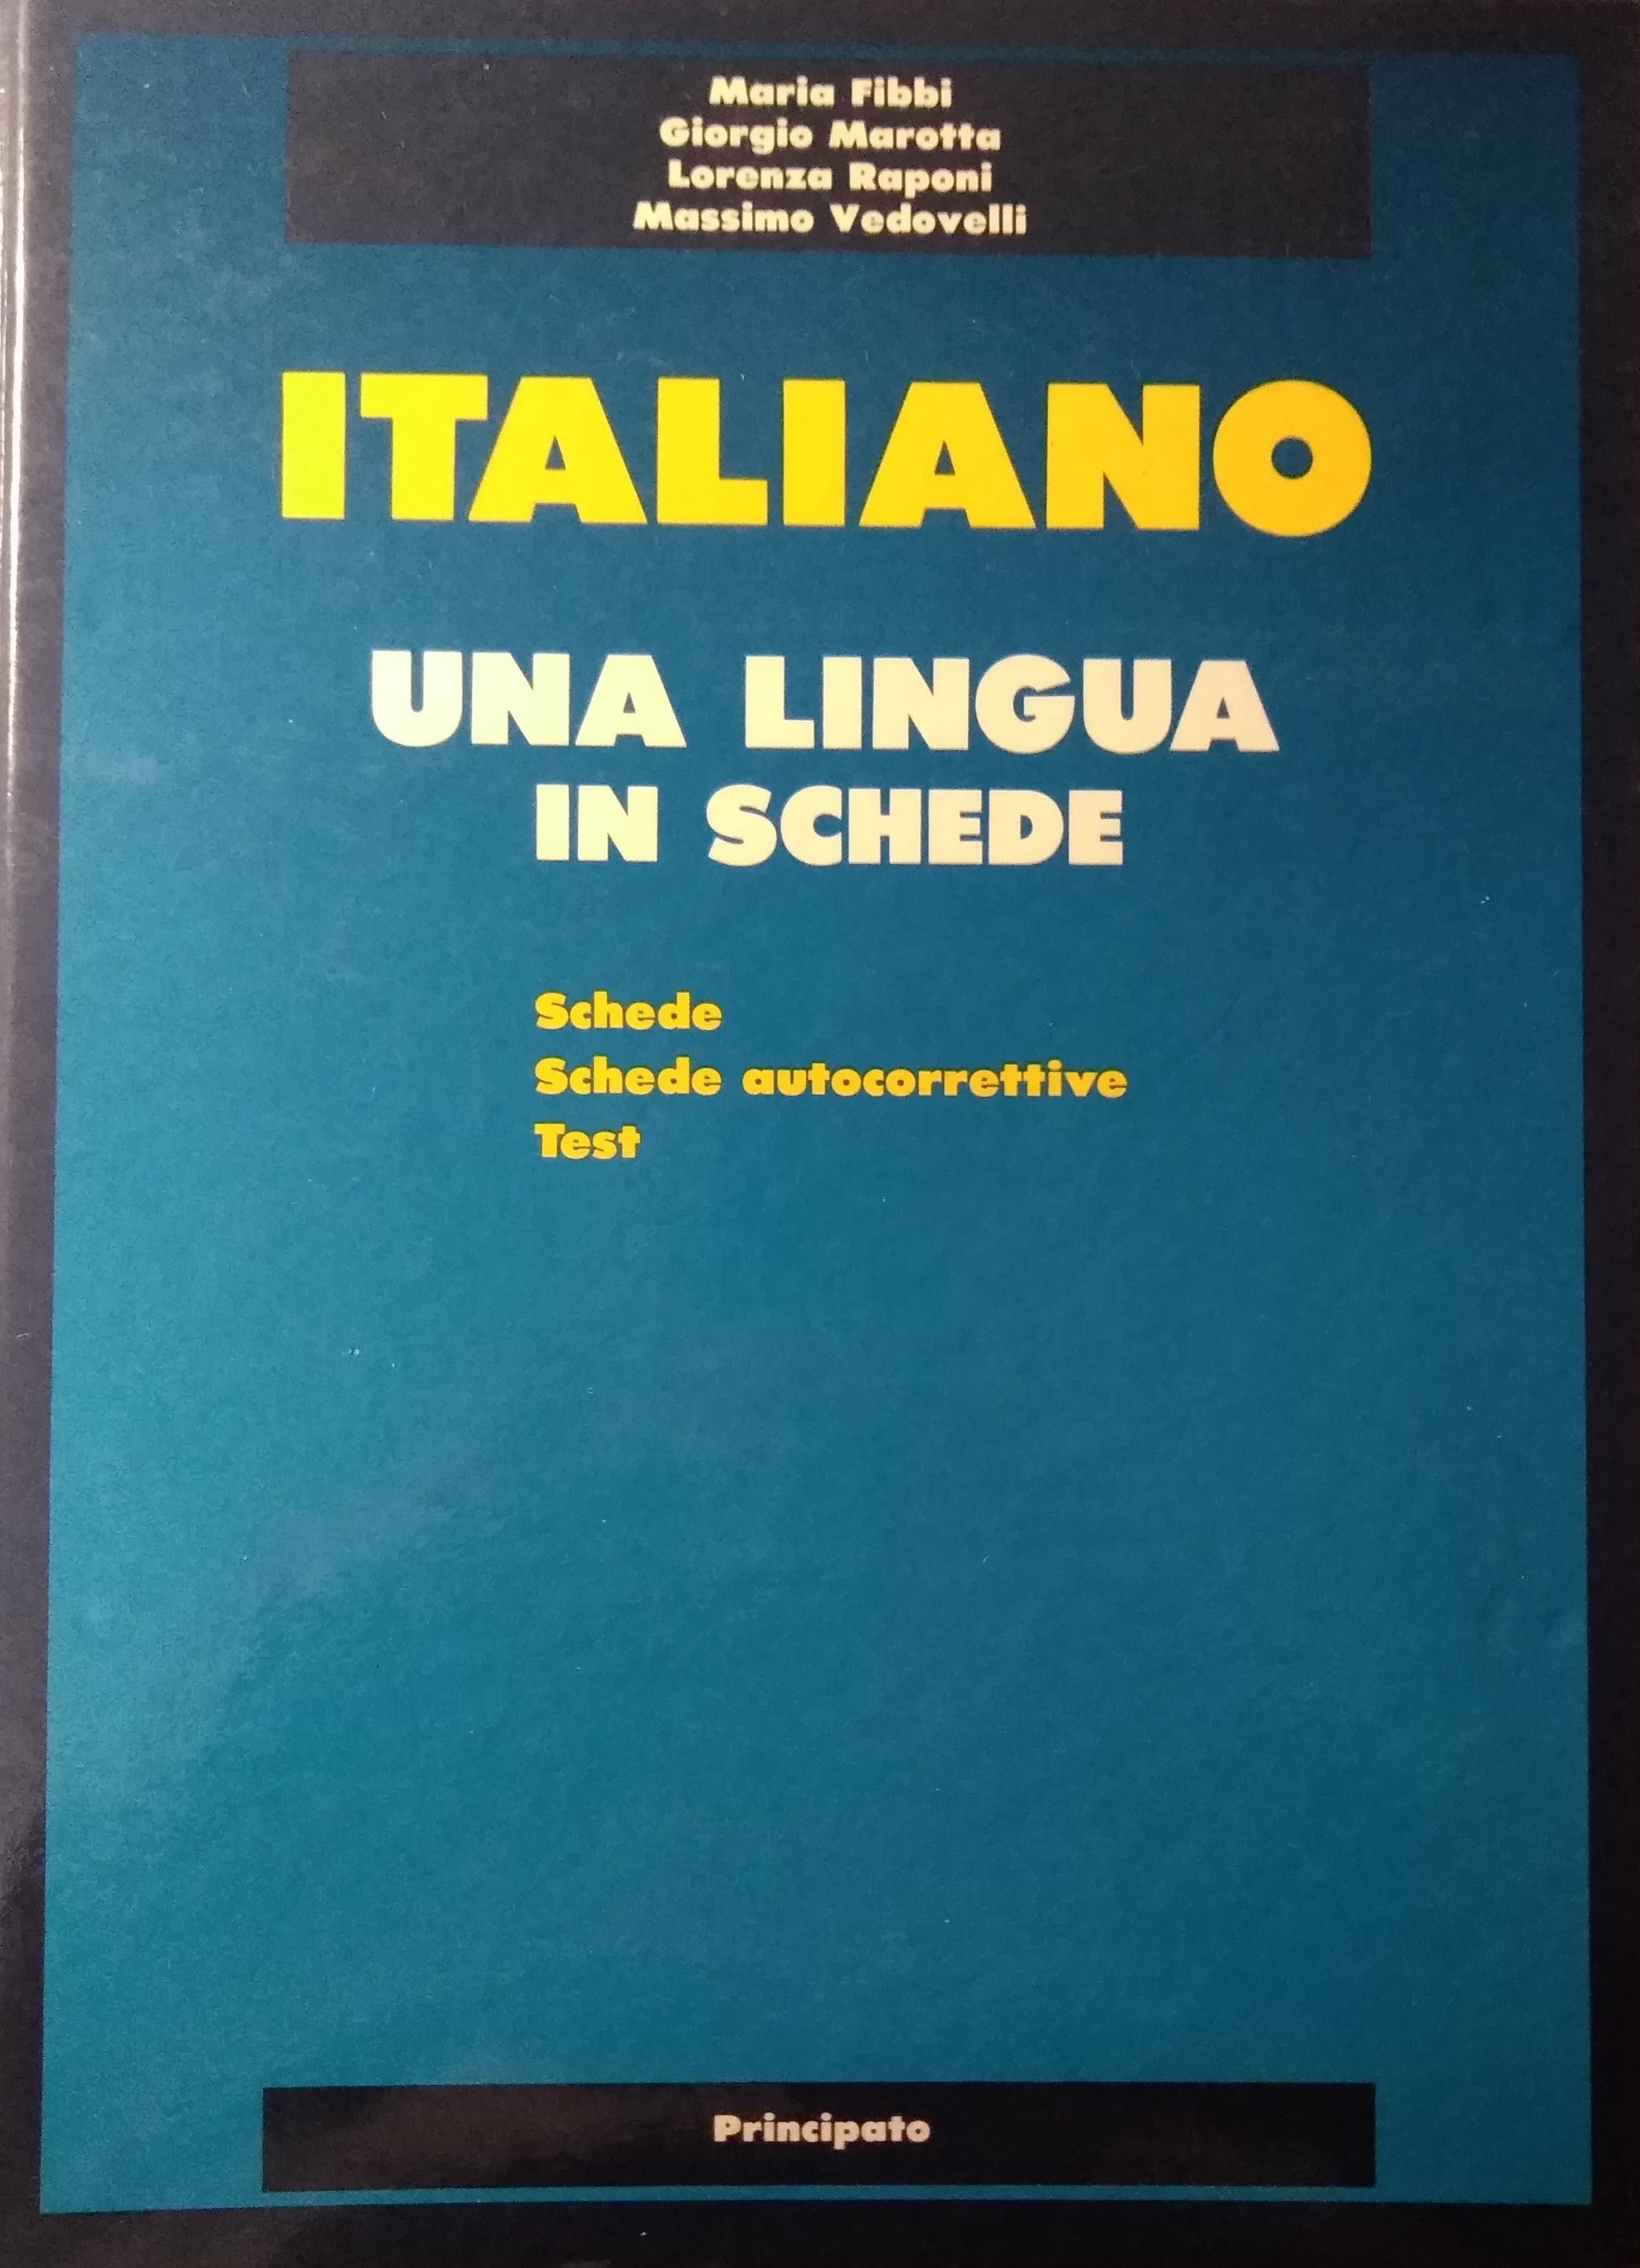 Italiano: una lingua in schede